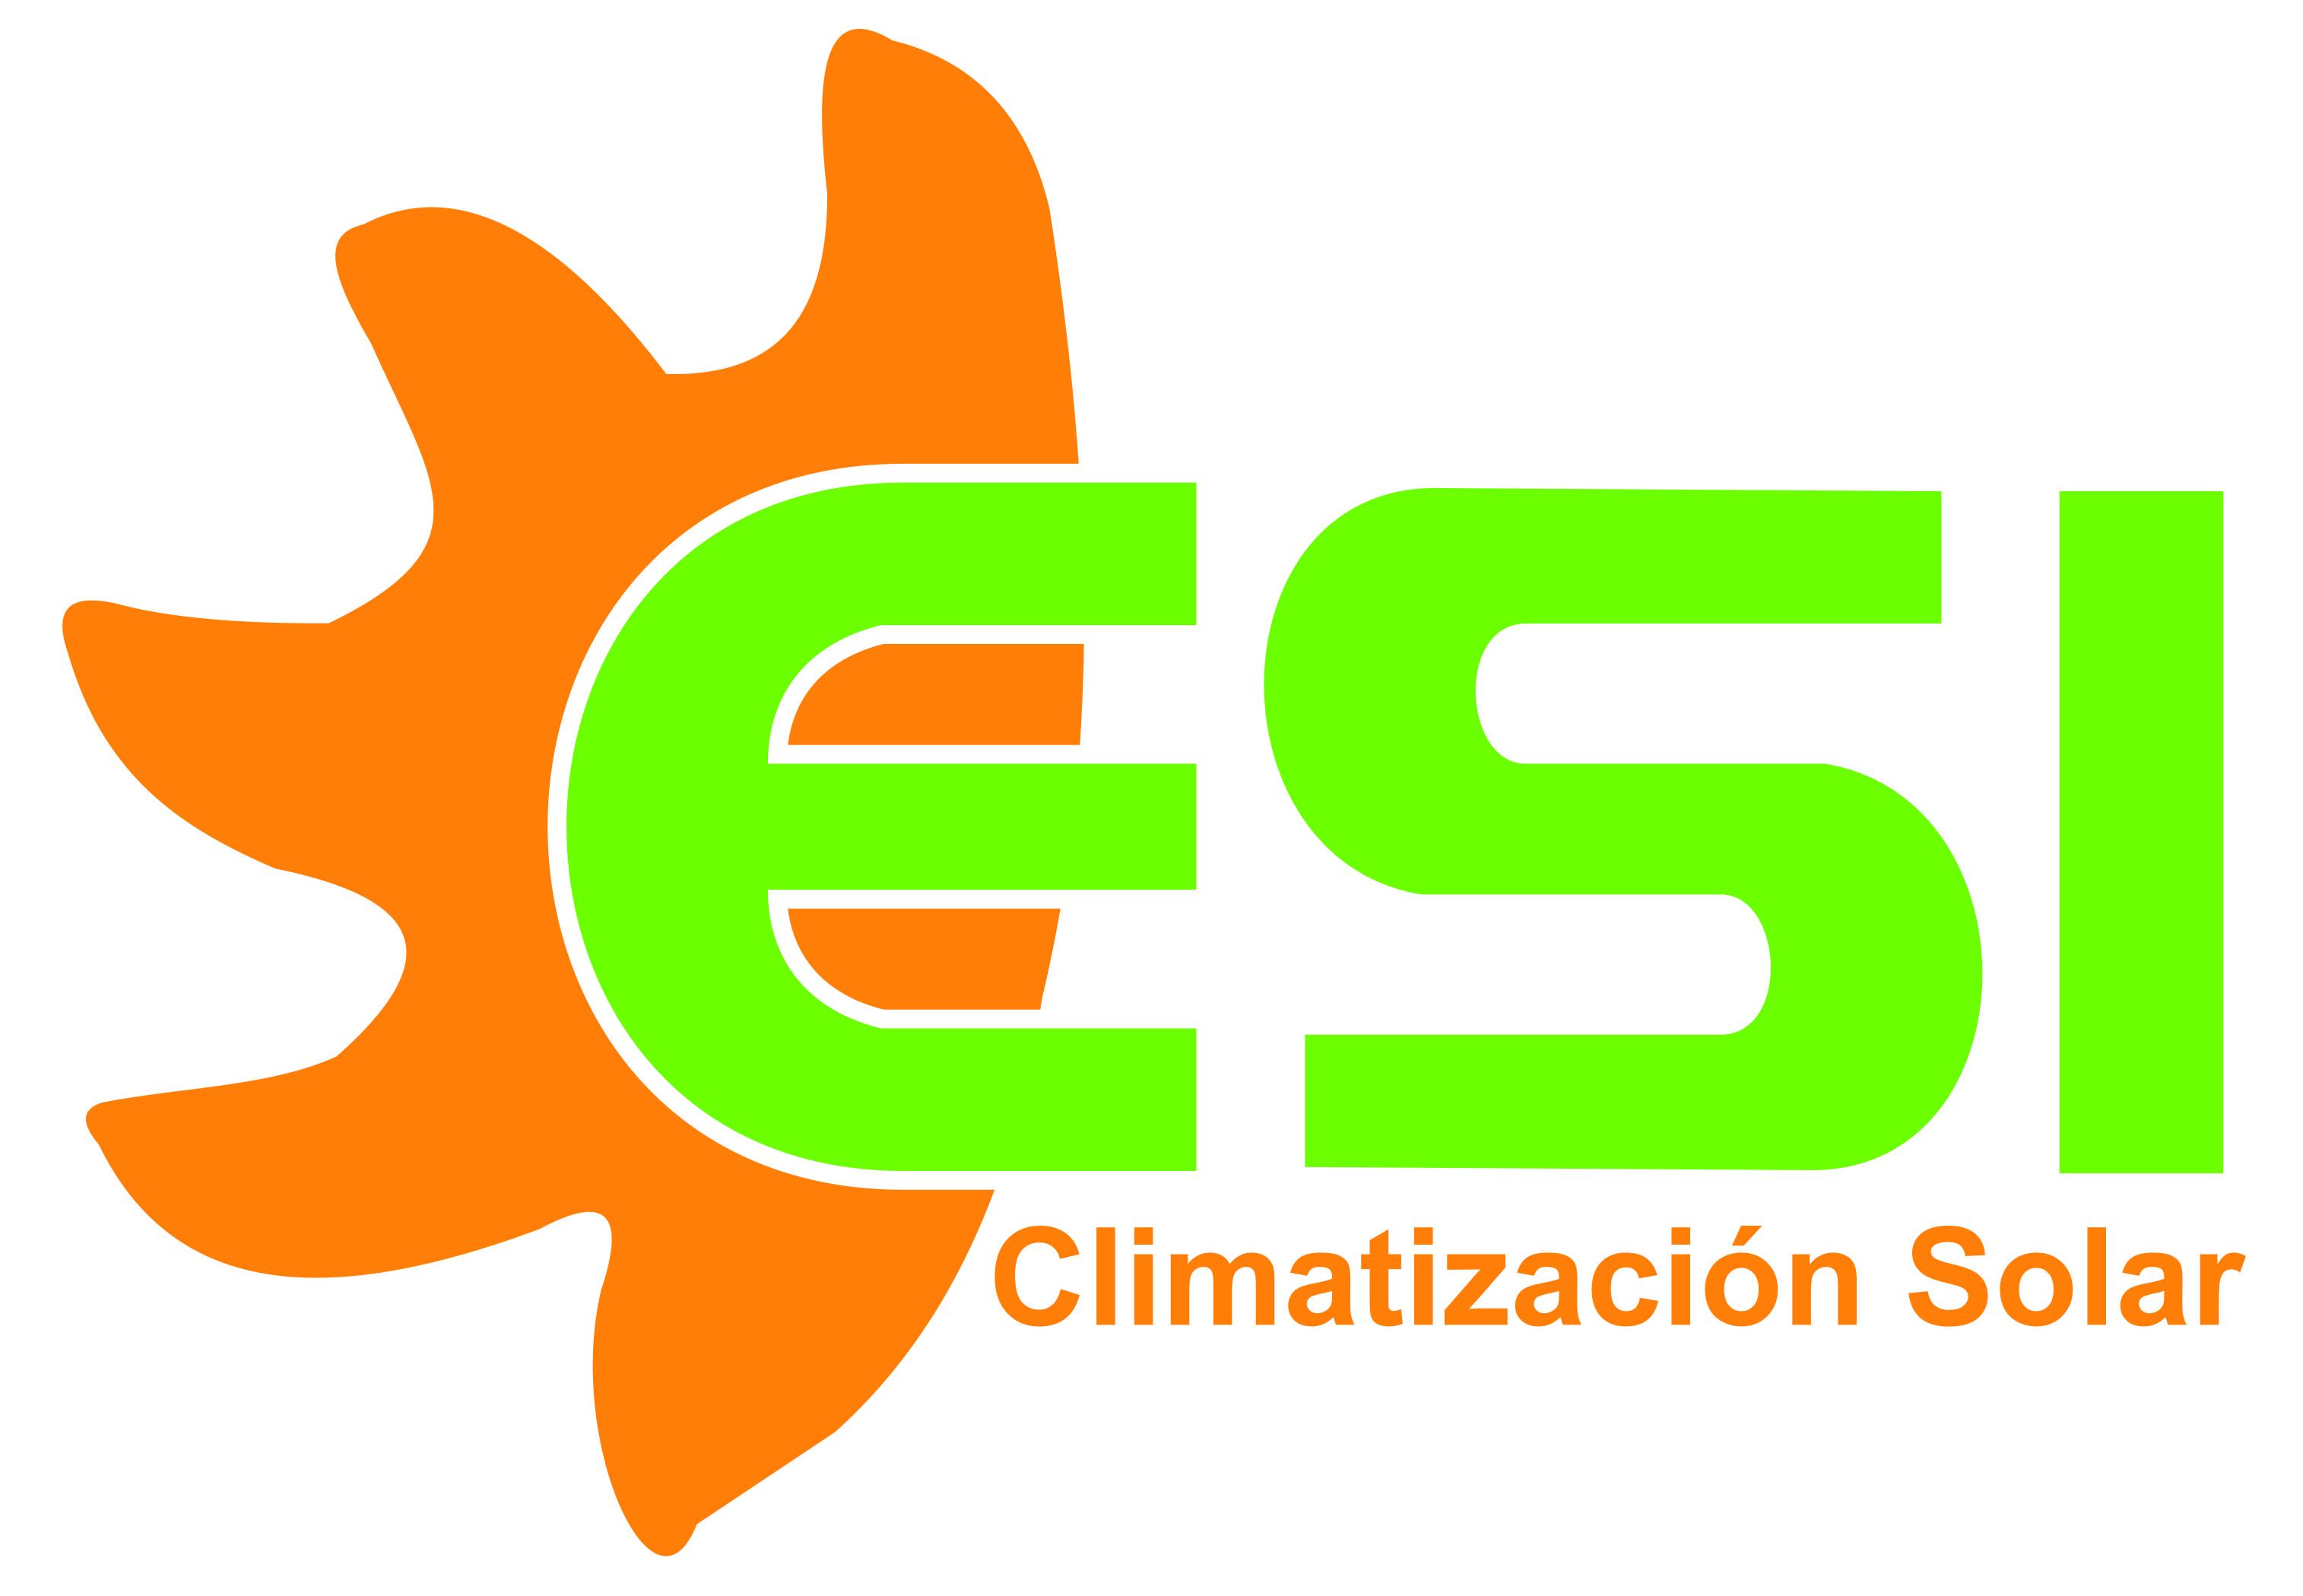 Emisiones CO2 evitadas por Energía Solar Innovación en marzo de 2013